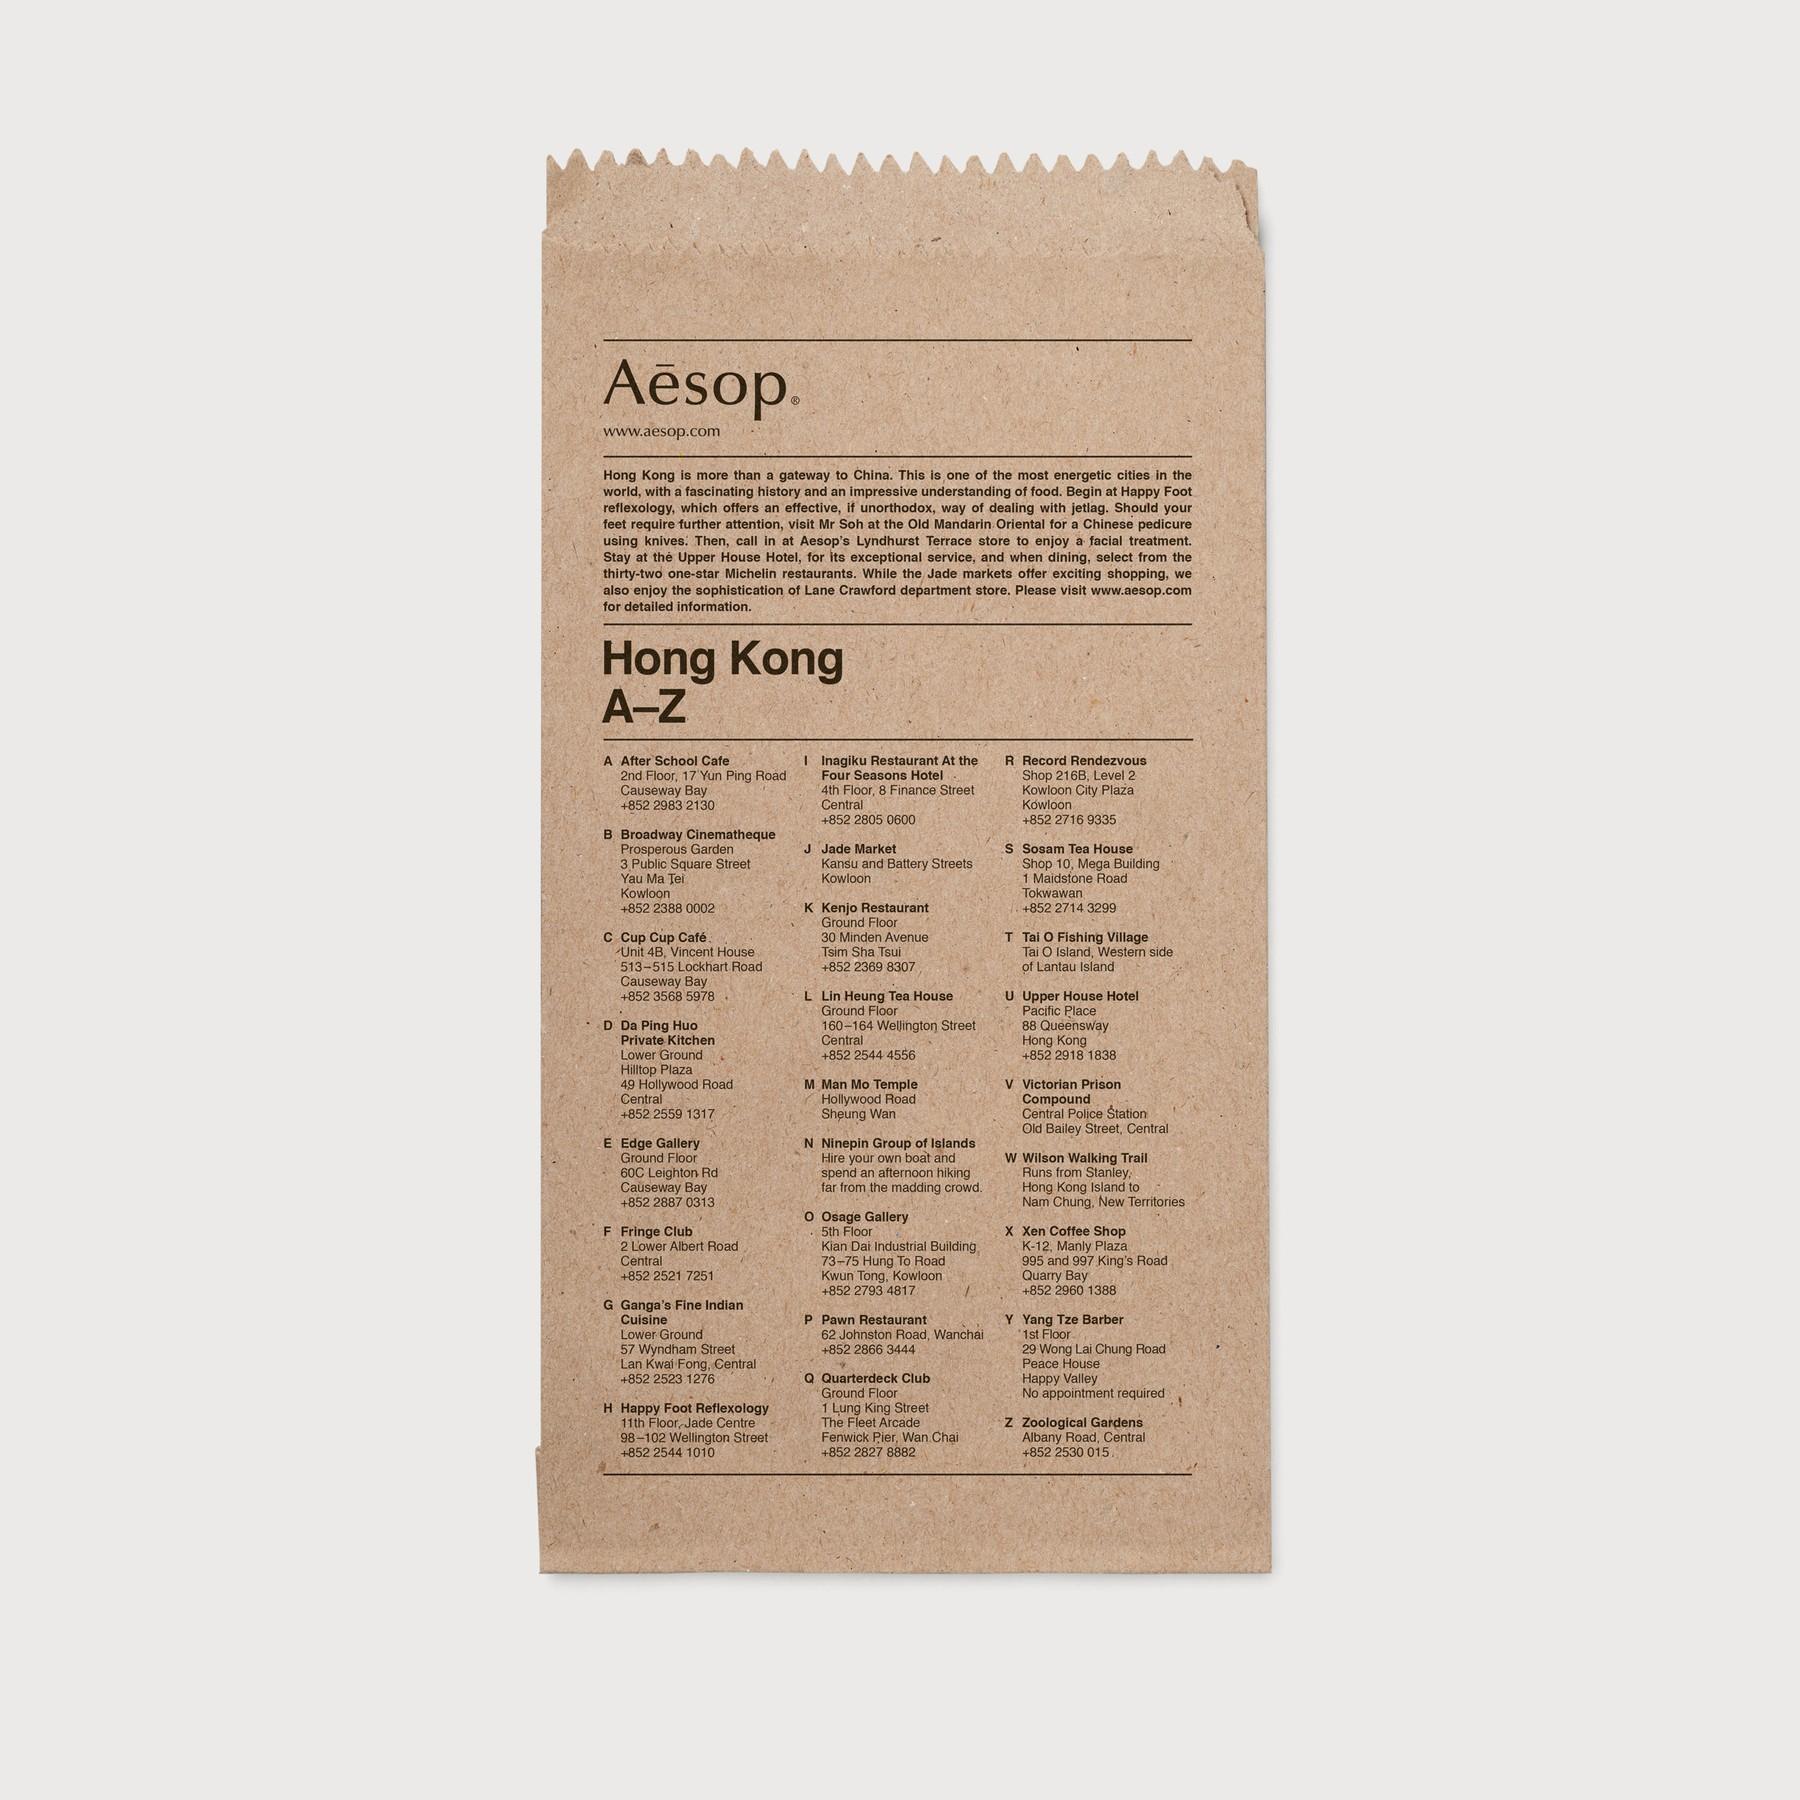 aesop-book-design-curators-pick-sq-6.jpg